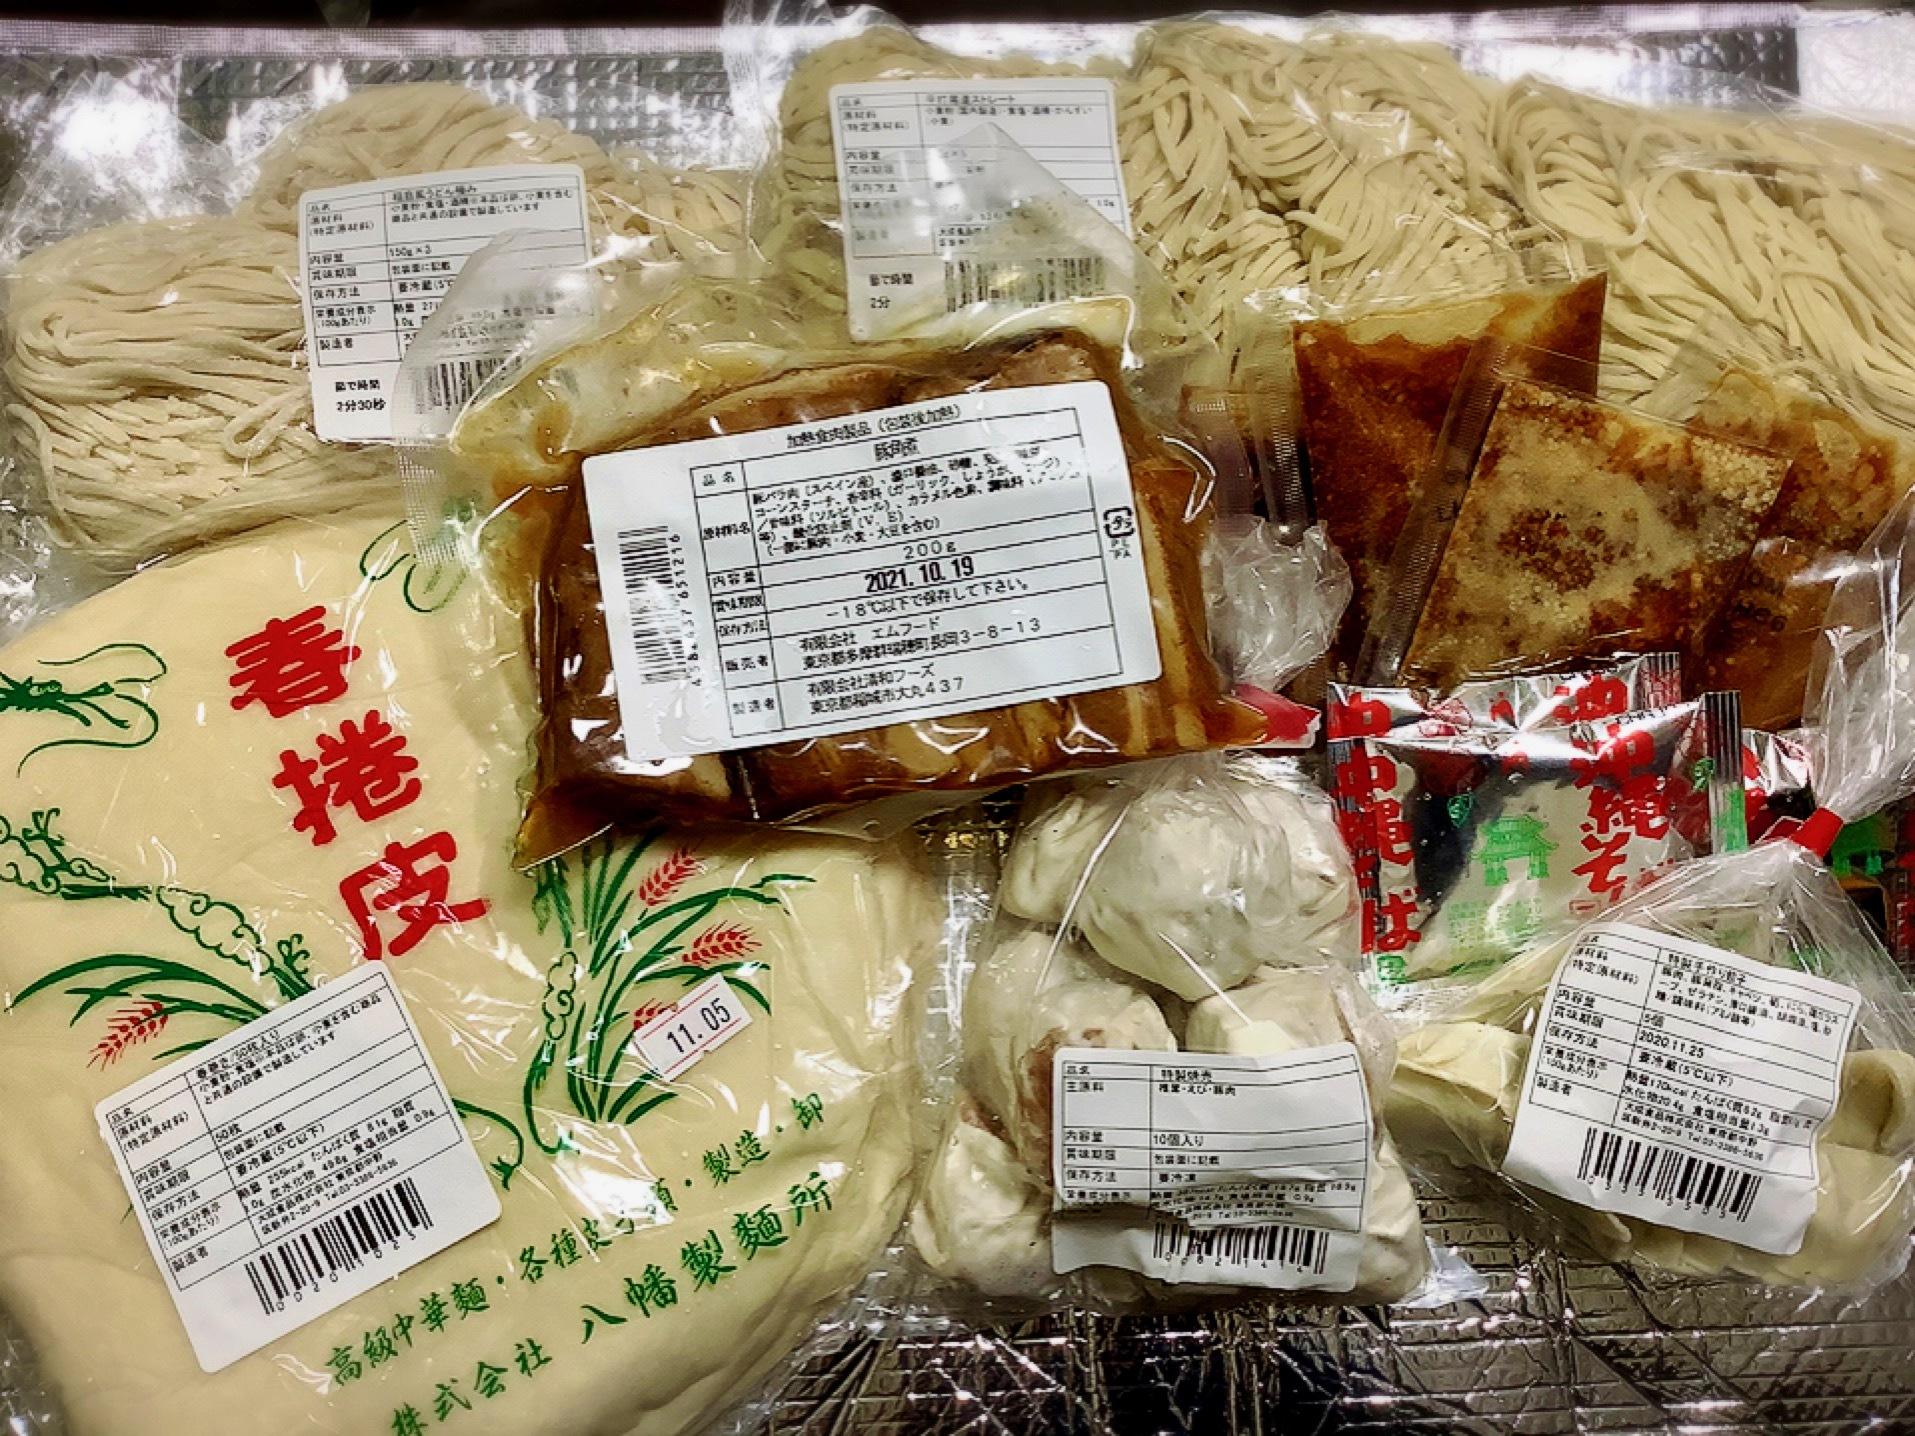 10月の大成麺市場のお買い物